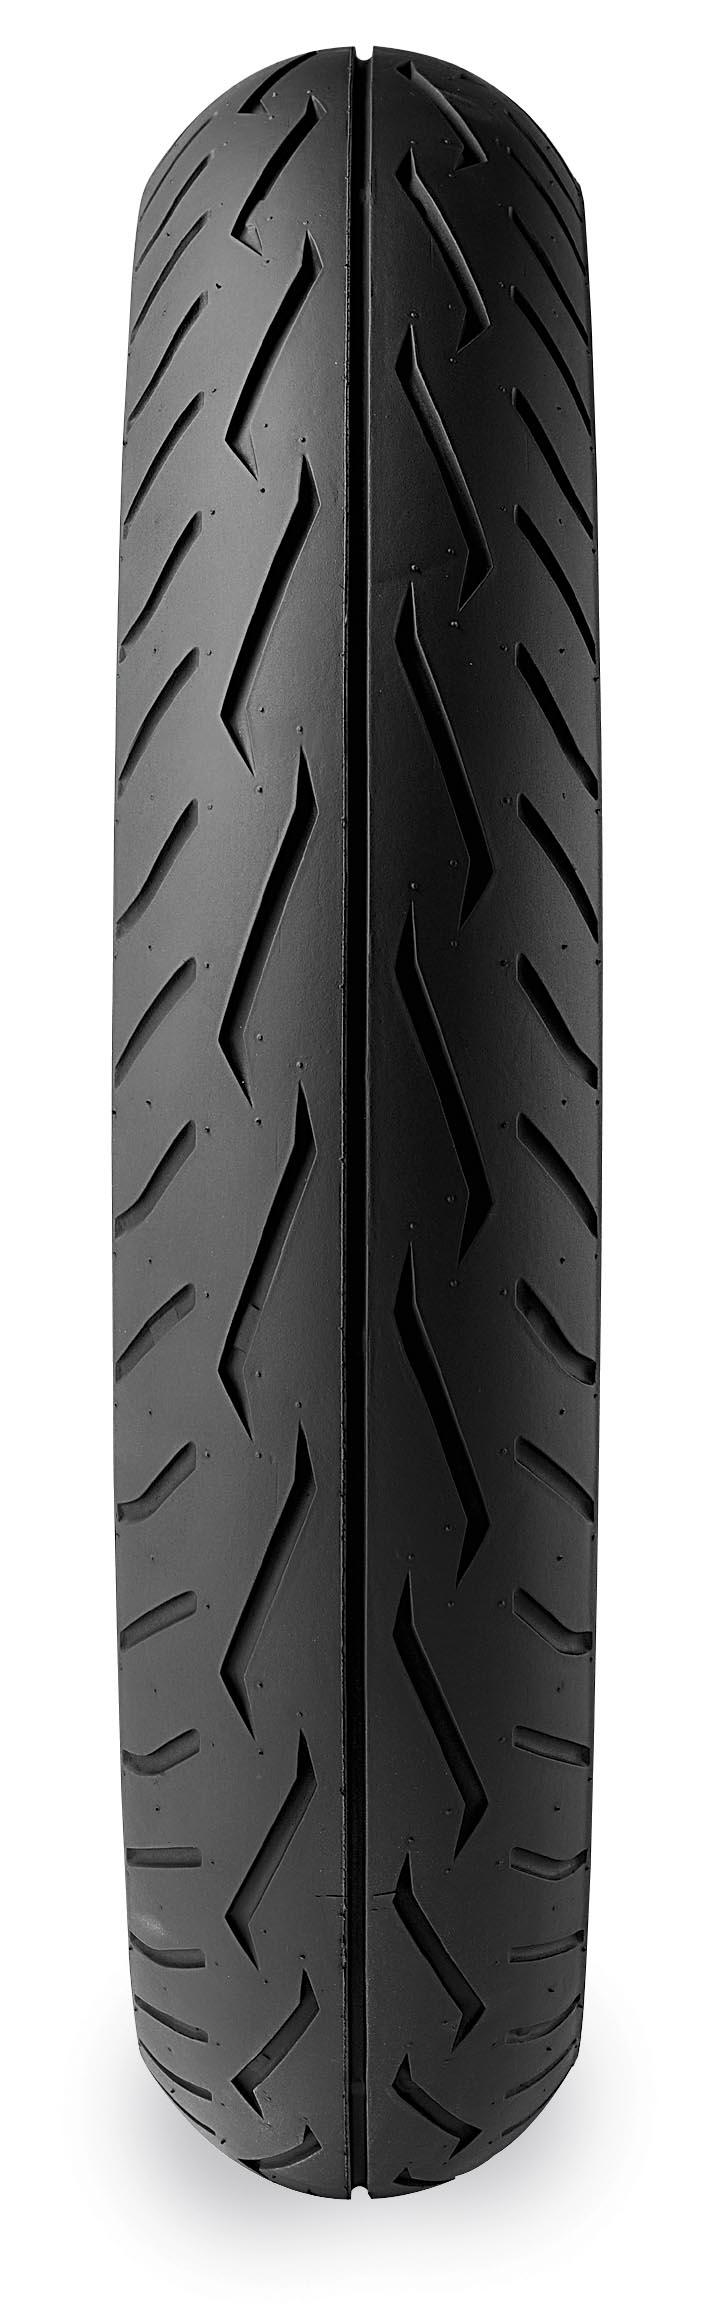 Dunlop D250 Tire